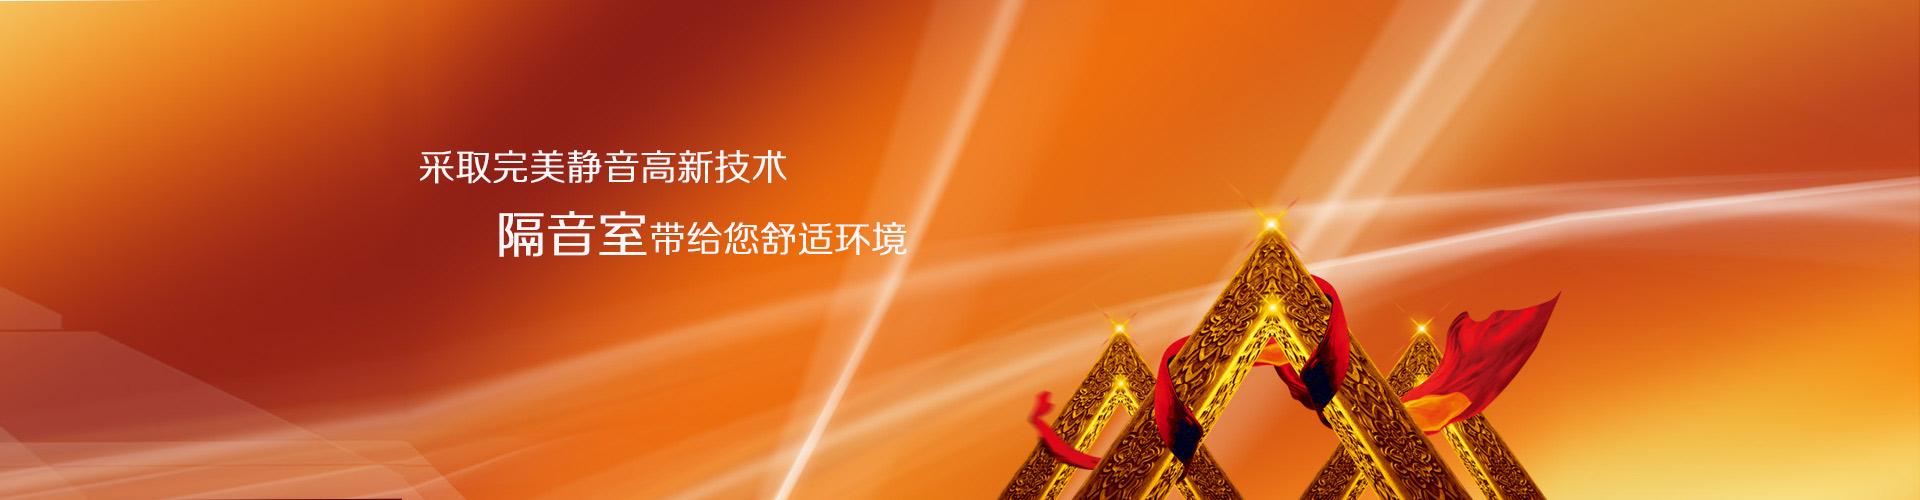 上海灵铮声学科技有限公司